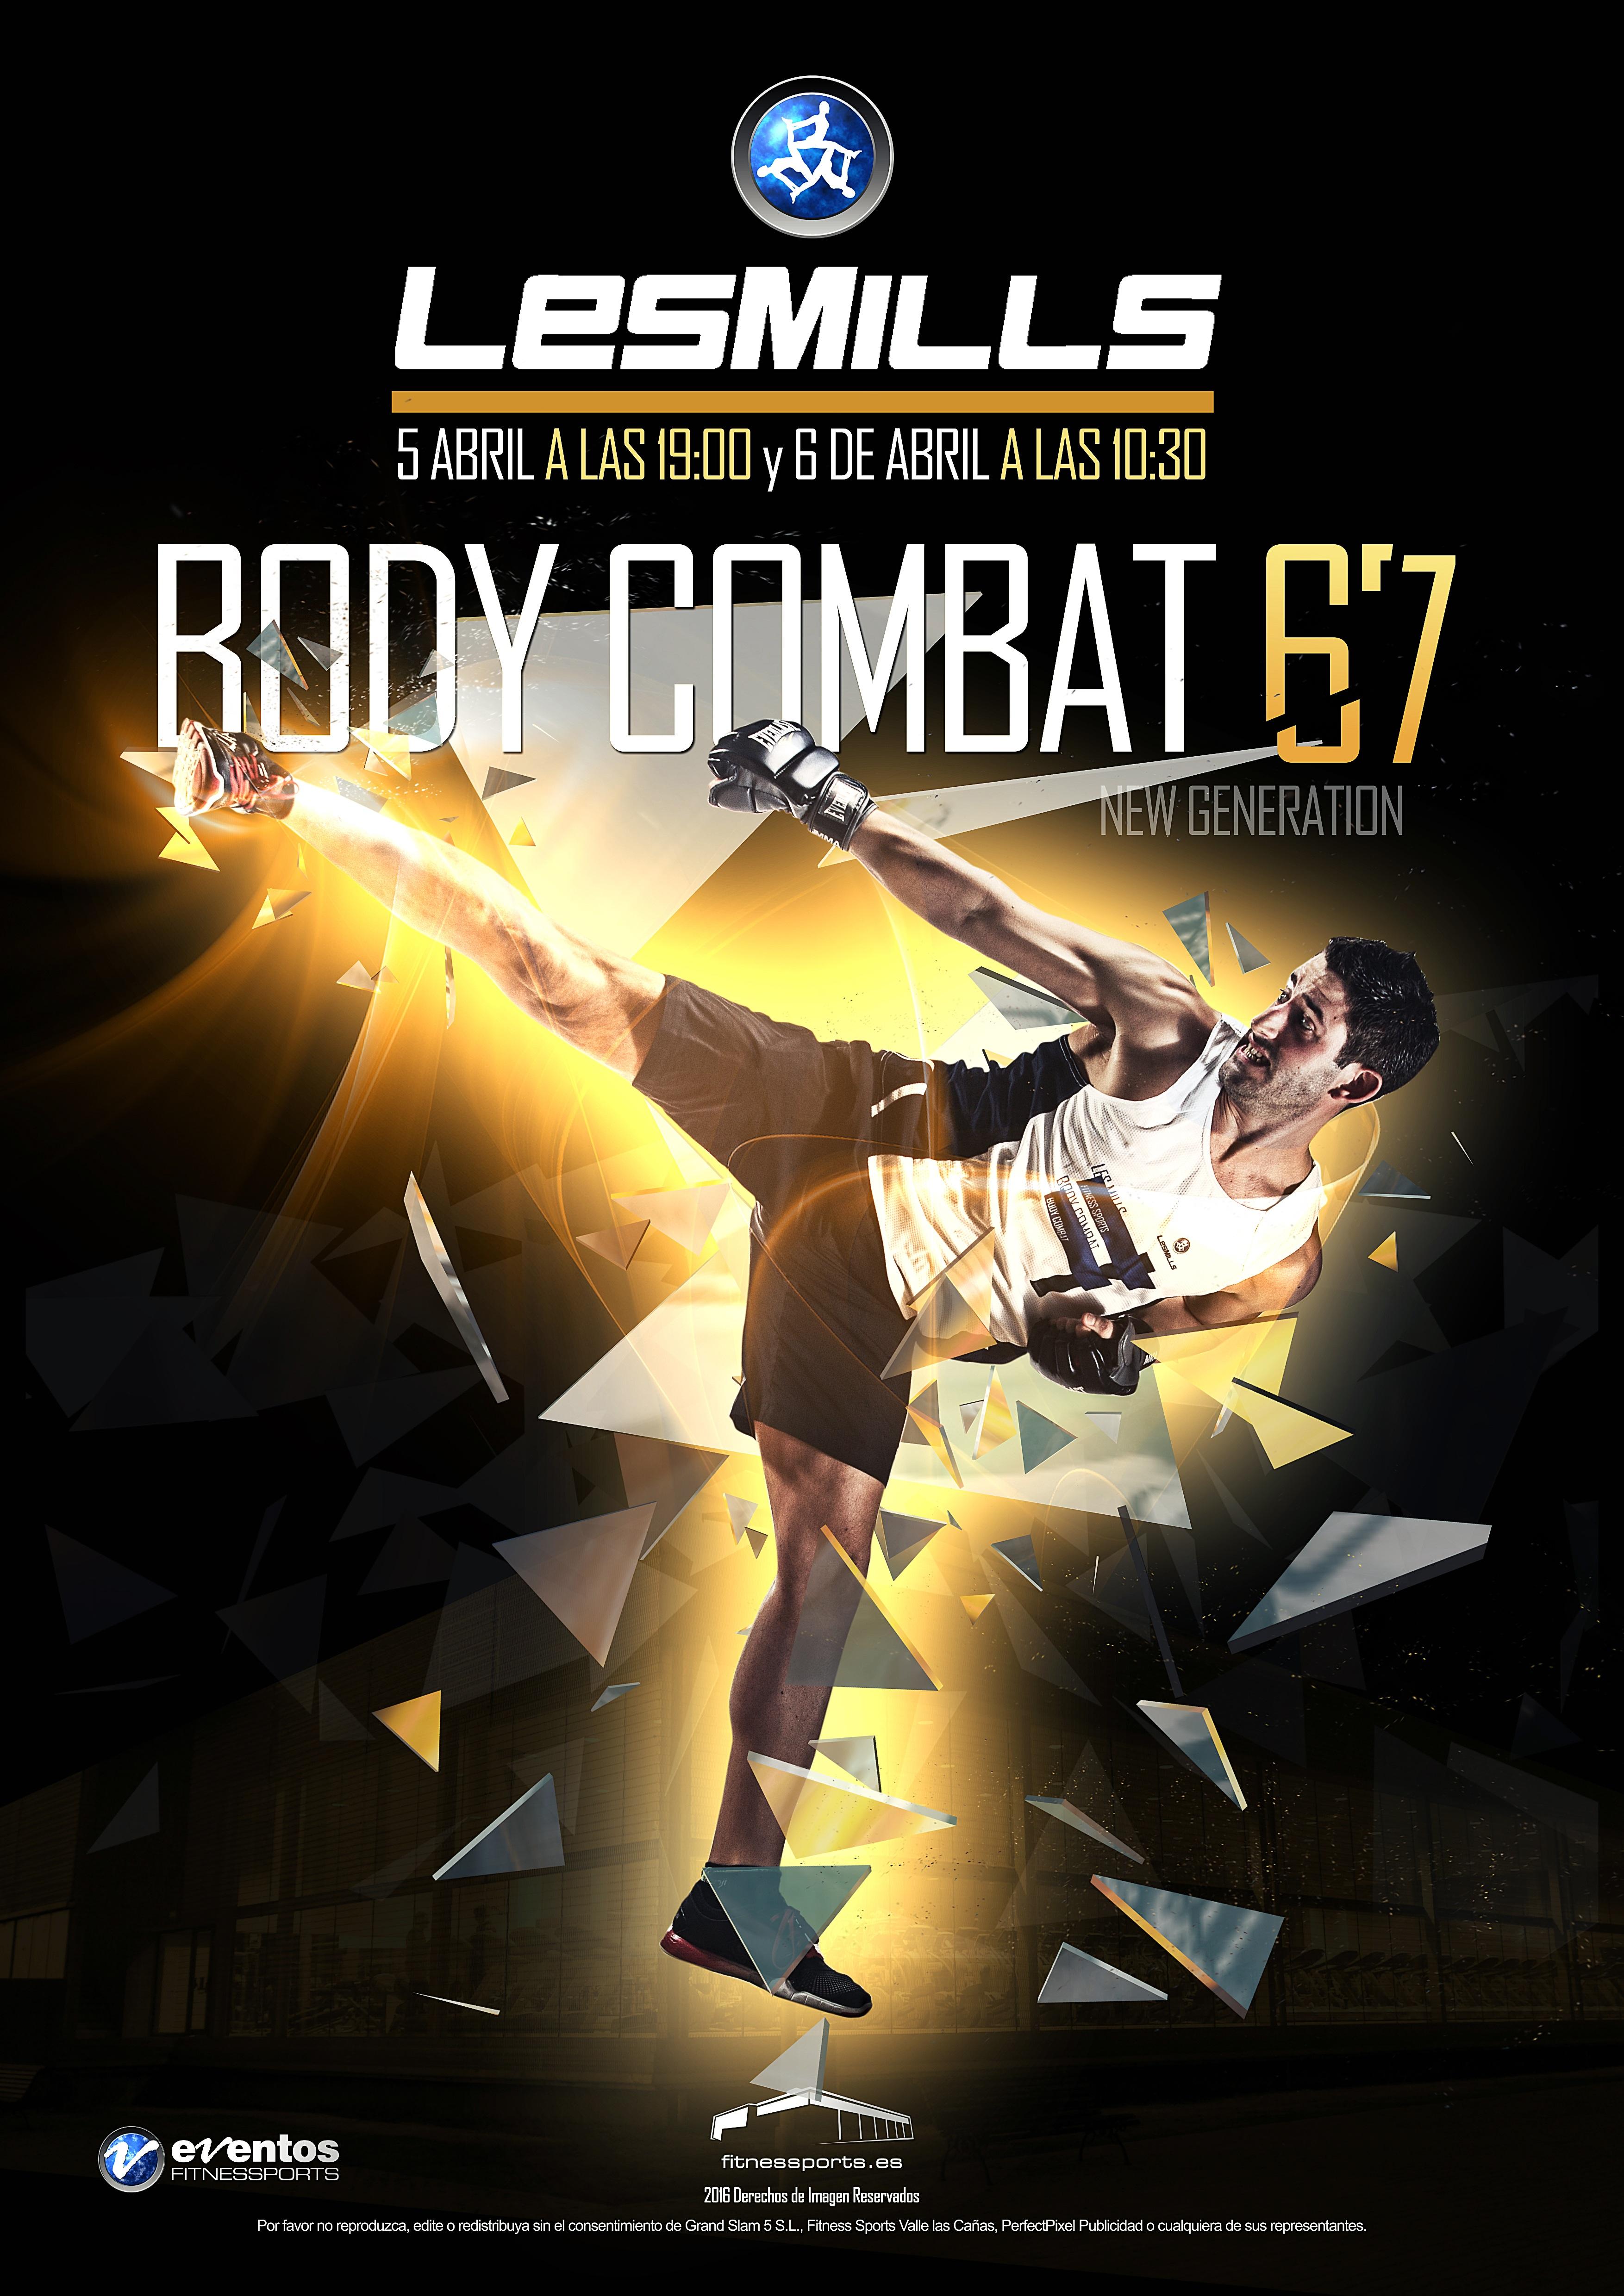 Body Combat 67